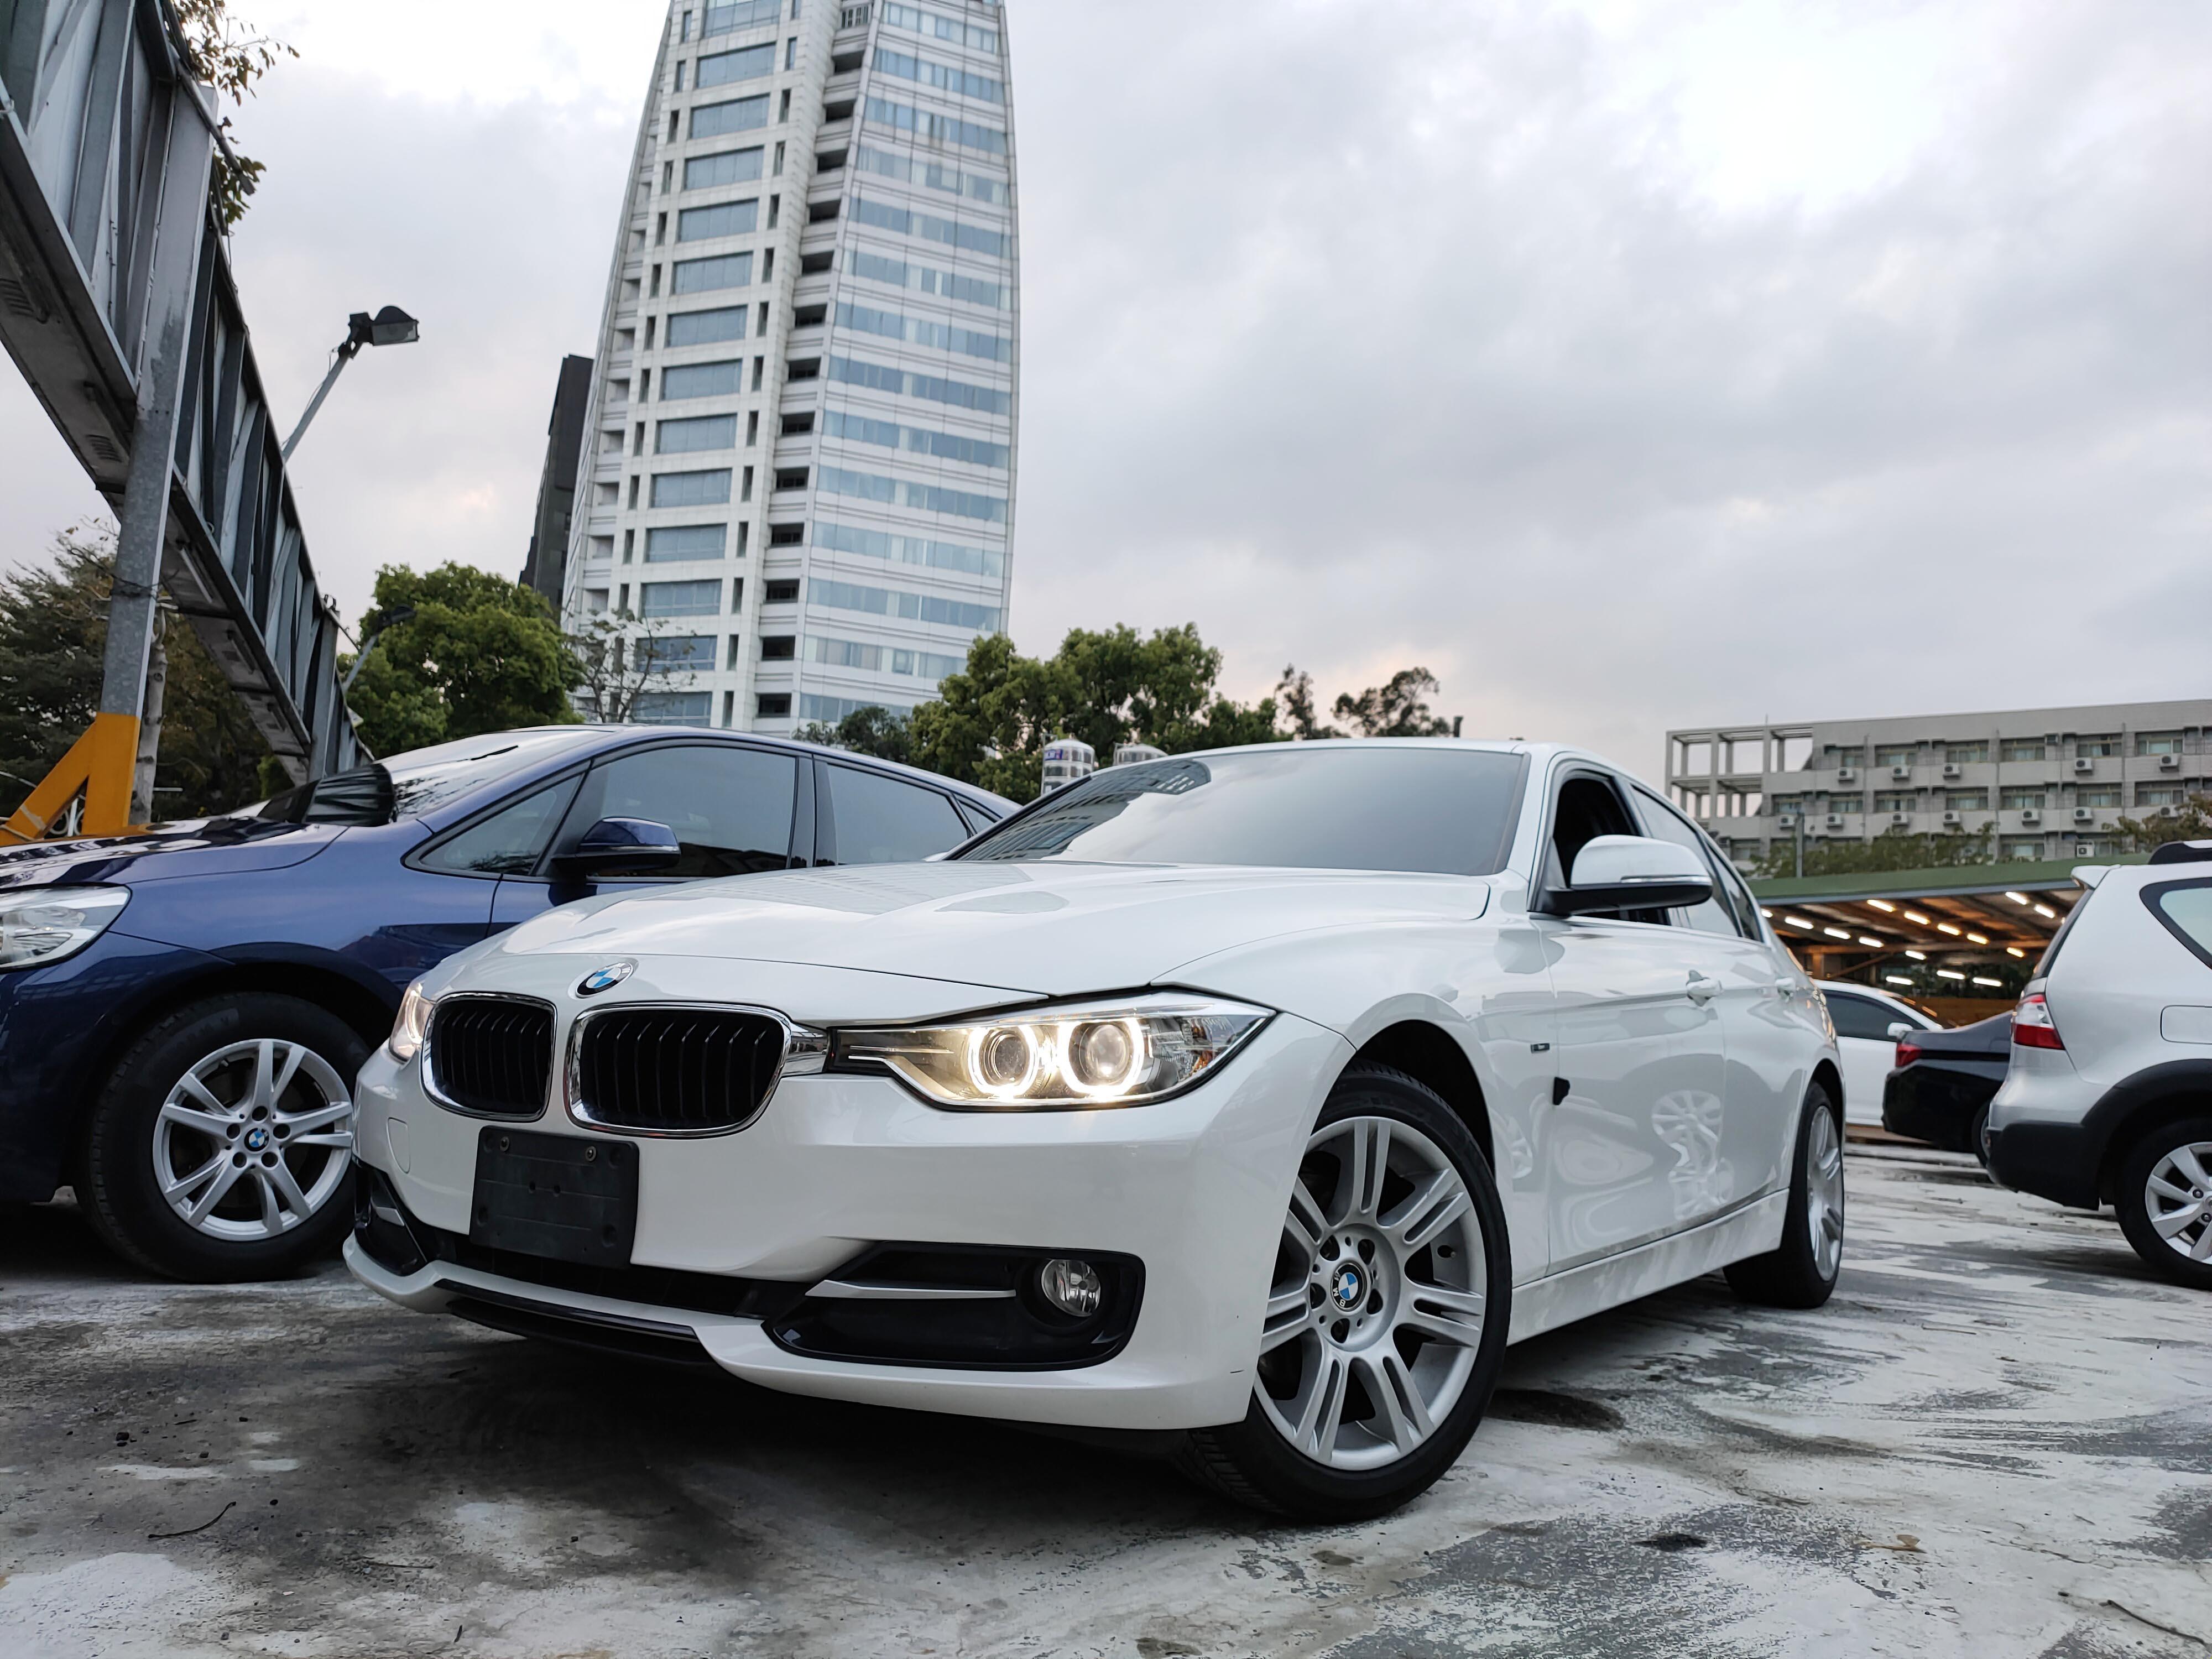 2014 BMW 寶馬 3-series sedan